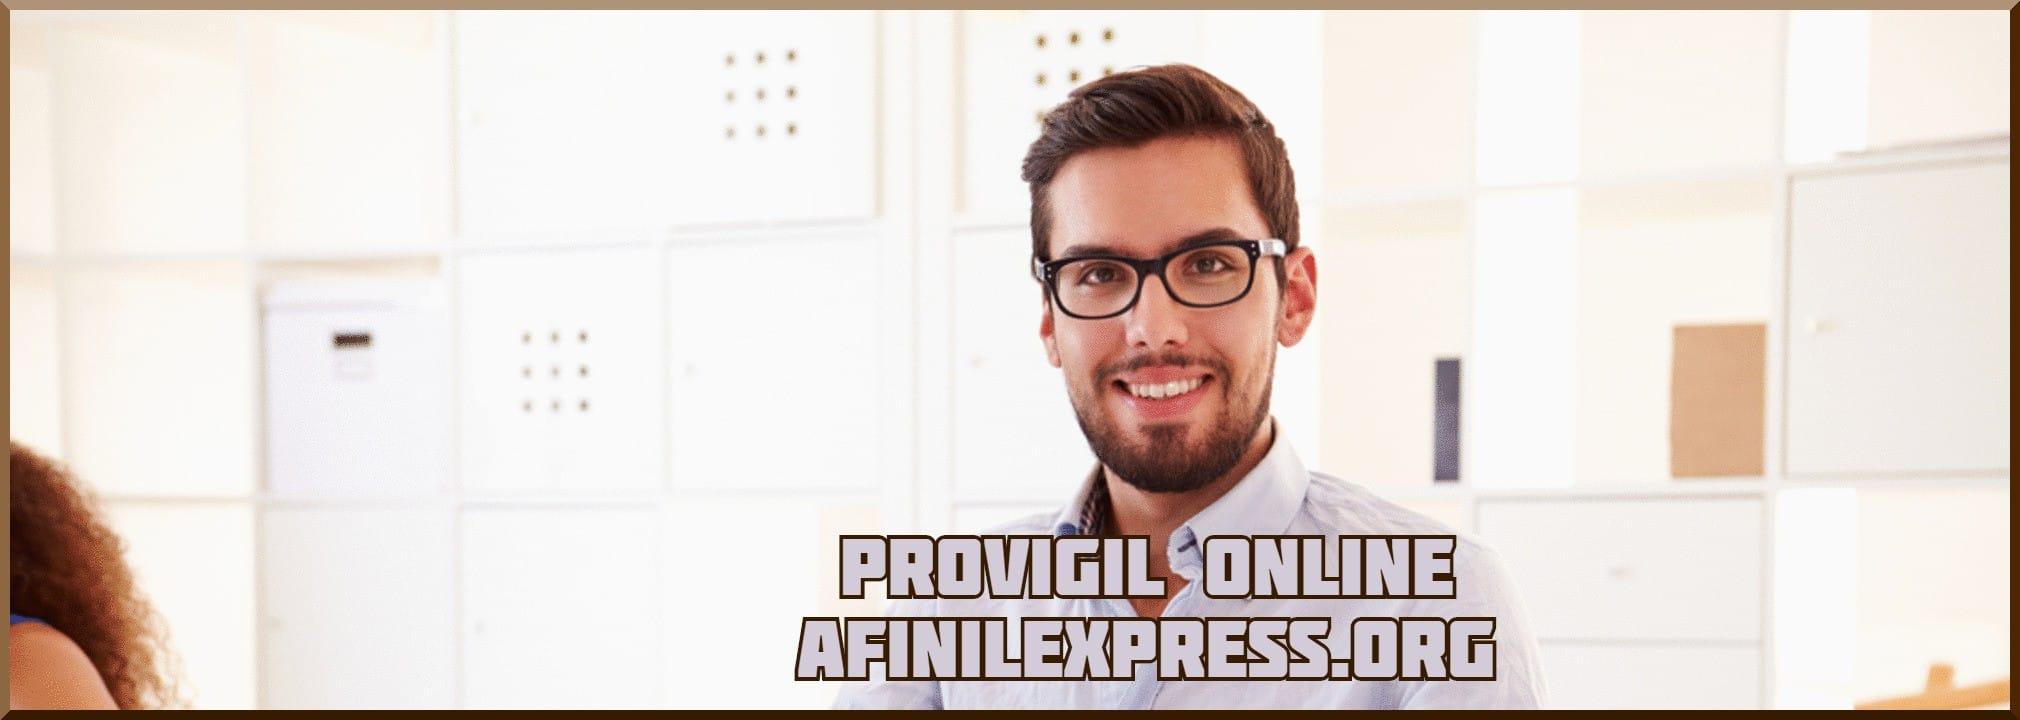 Provigil Online